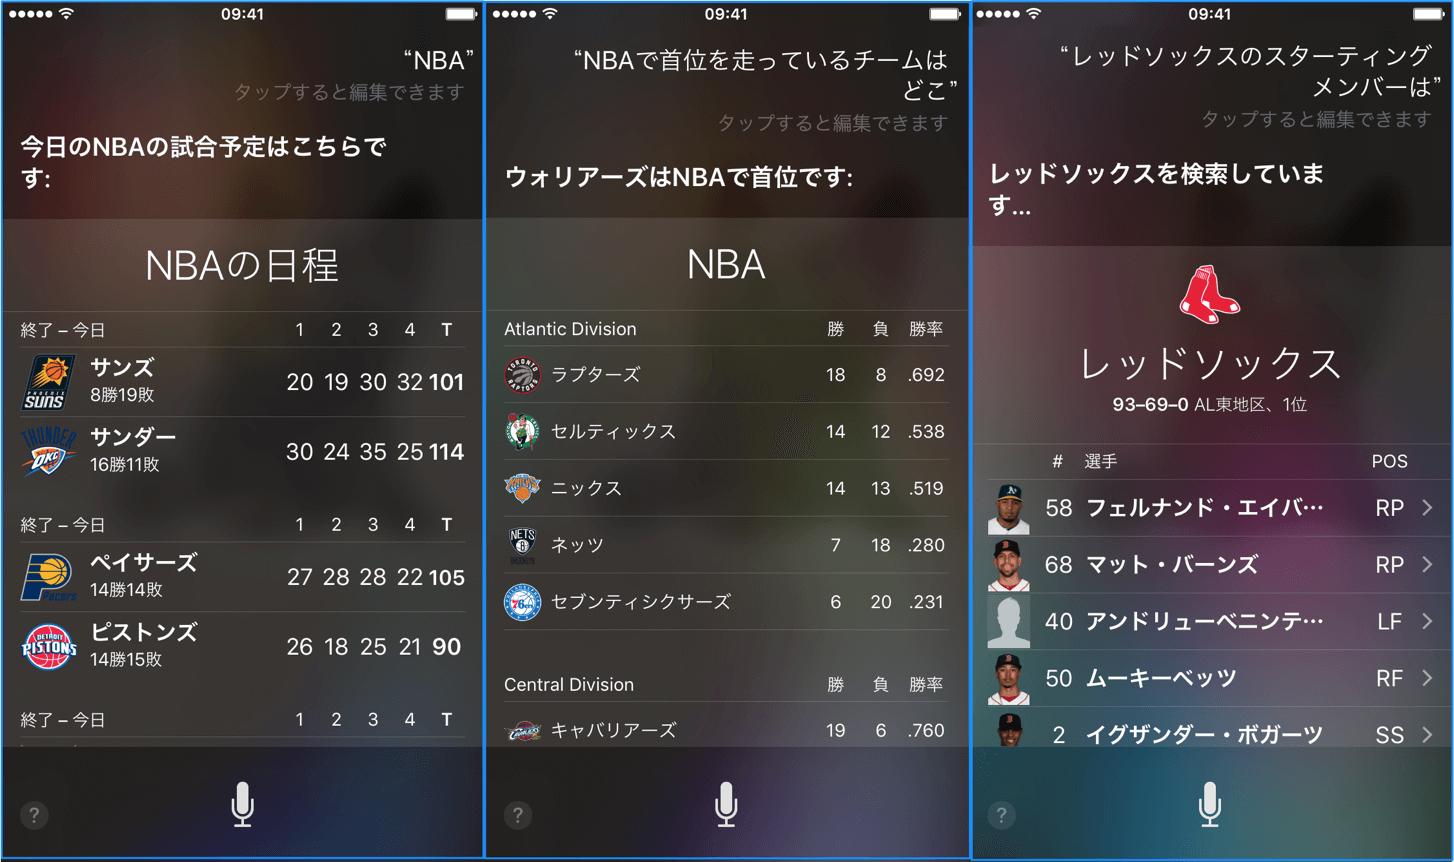 Siri-スポーツ検索